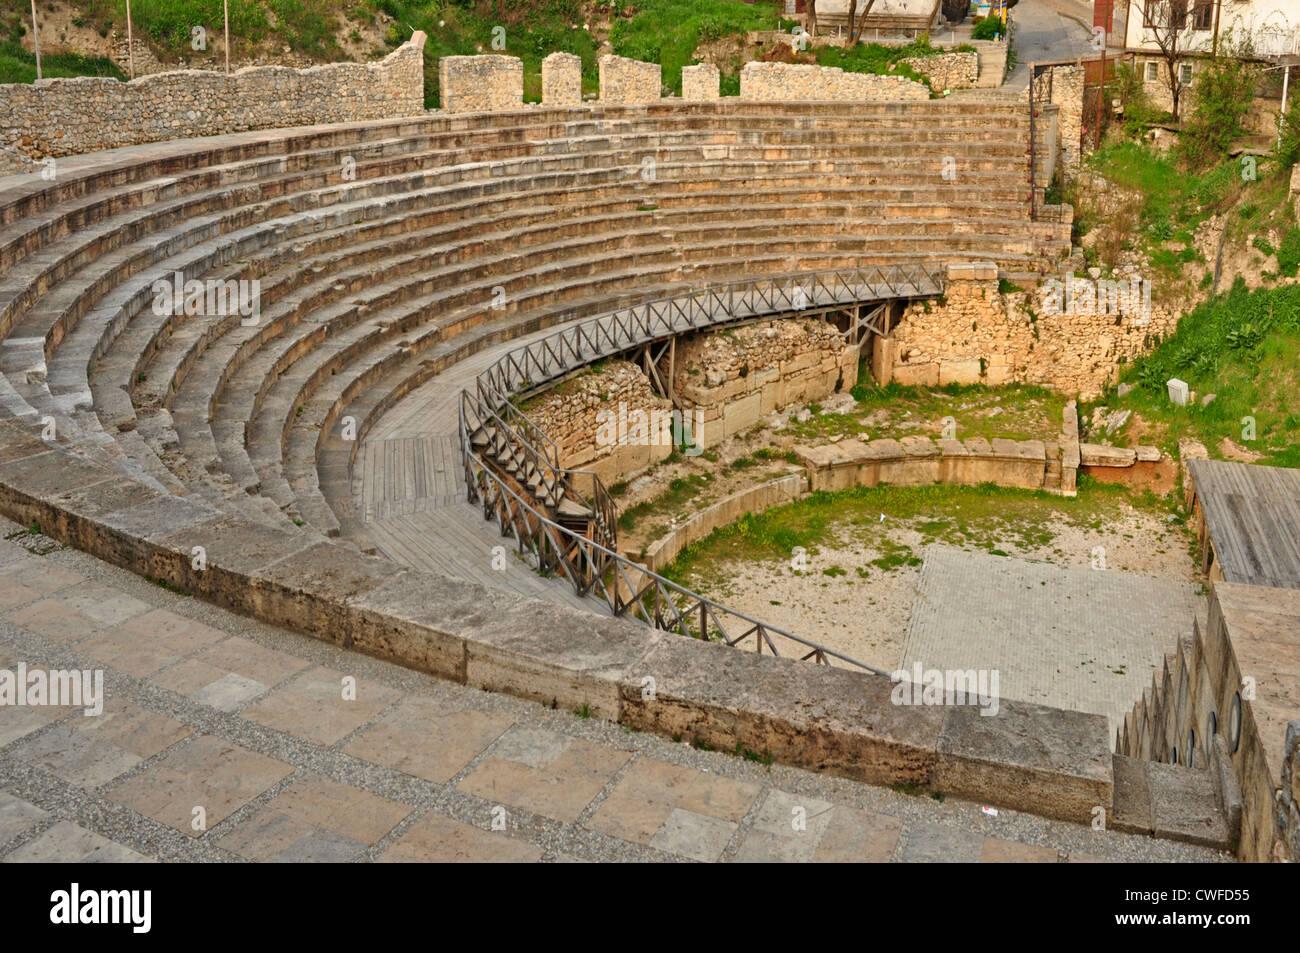 Europe macedonia ohrid roman amphitheatre 1st century ad stock europe macedonia ohrid roman amphitheatre 1st century ad publicscrutiny Image collections